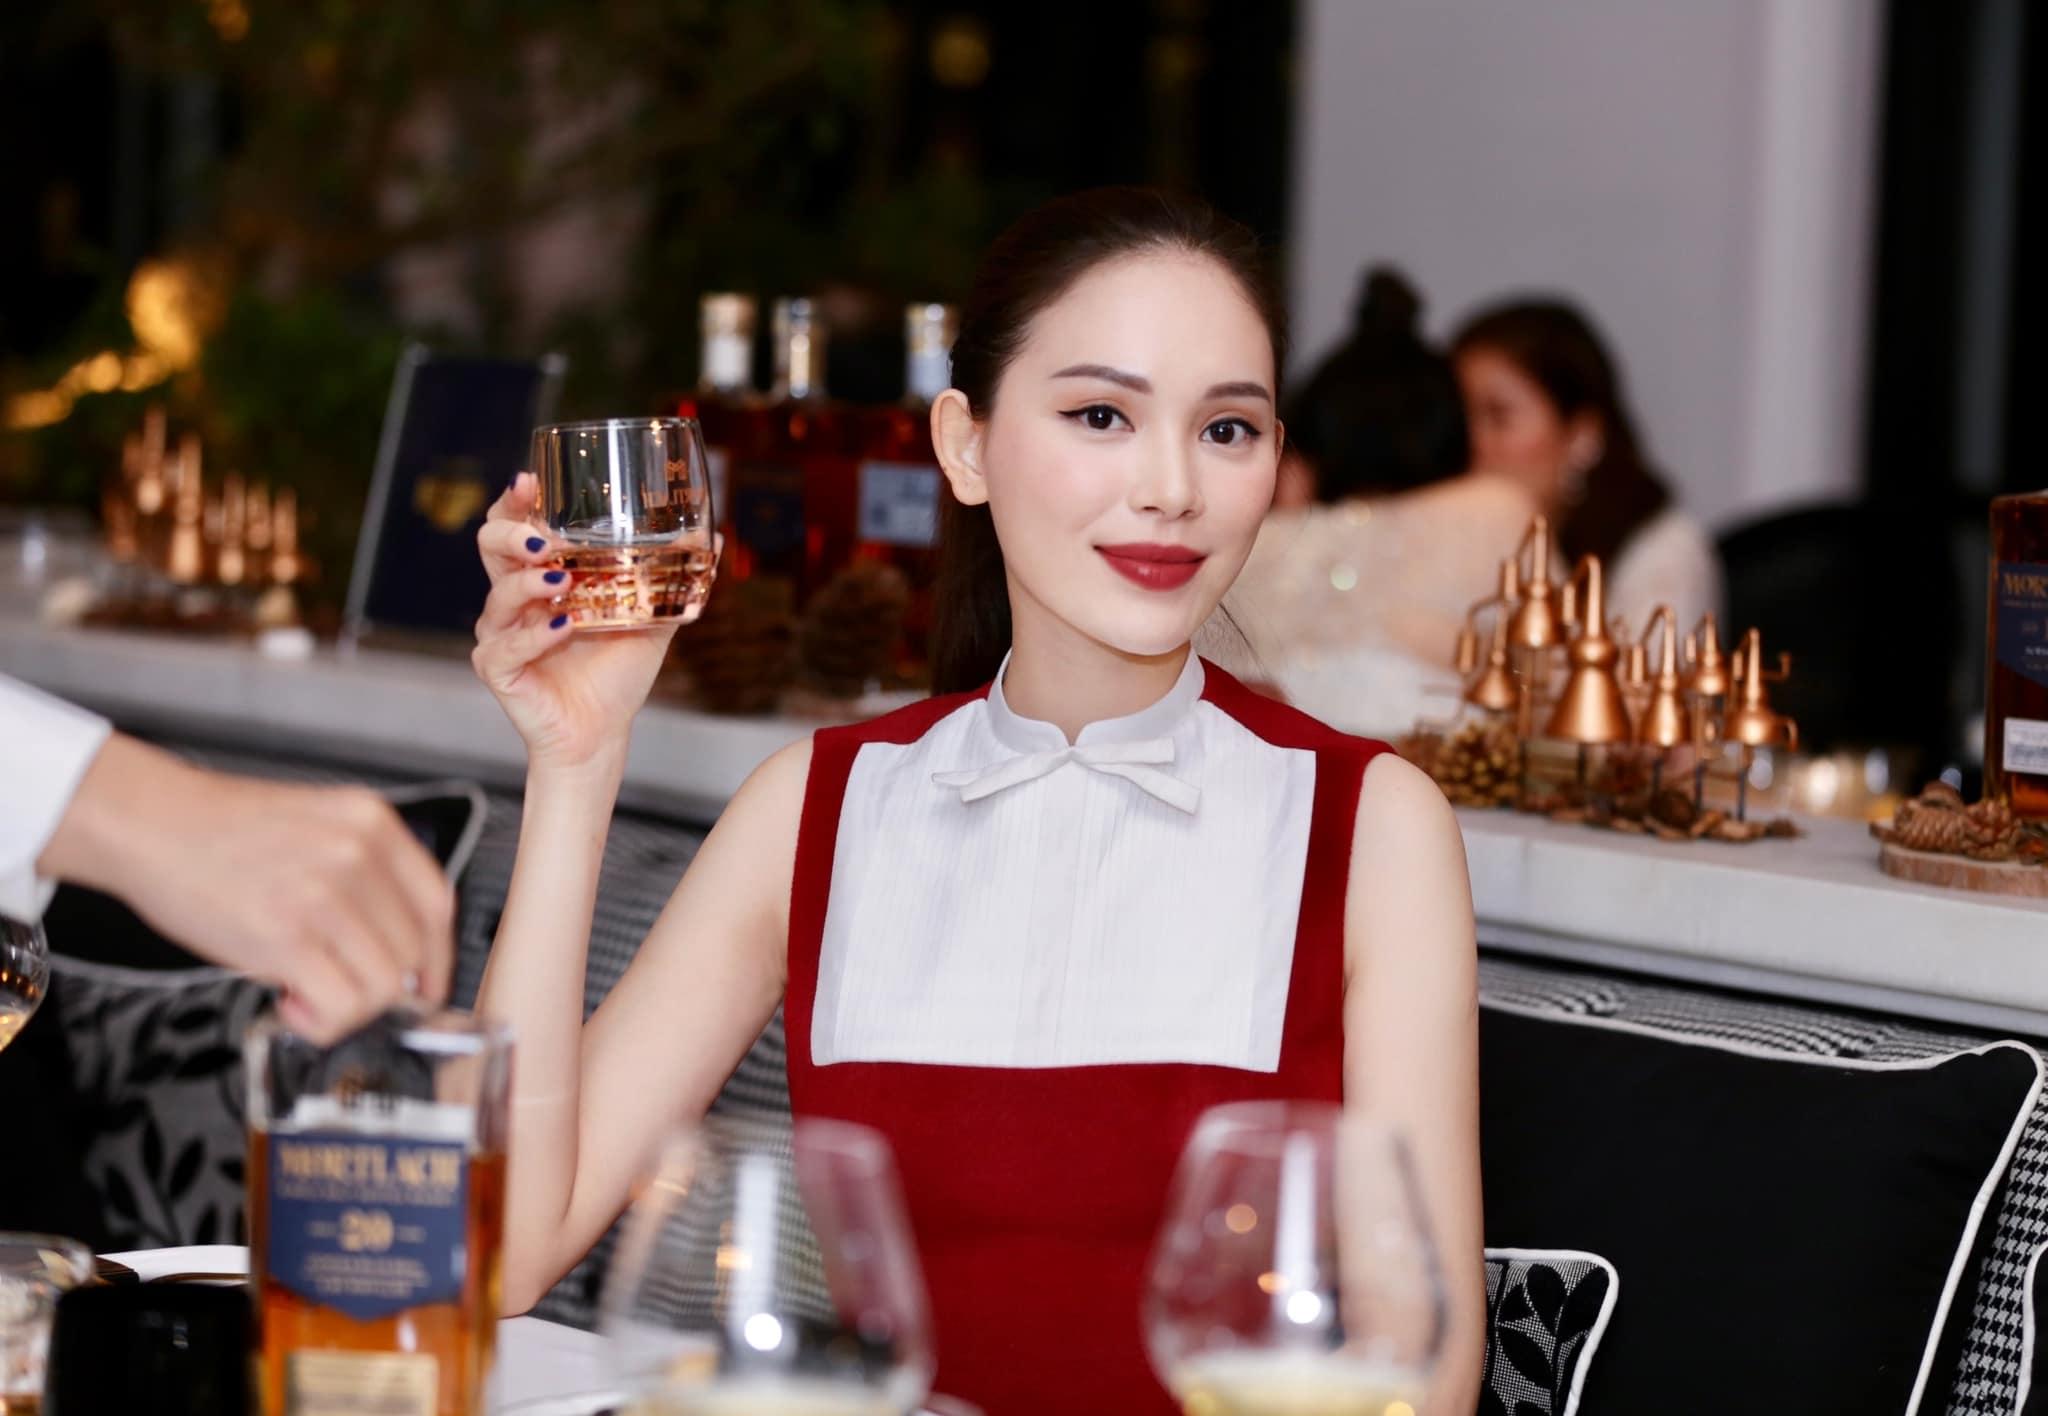 """Chọn bộ đầm hơi già so với tuổi 28 nhưng Linh Rin vẫn sang hết phần hội chị em sexy hở bạo: """"Cân"""" từ Emilly đến Huyền Baby chứ chẳng vừa - Ảnh 5."""